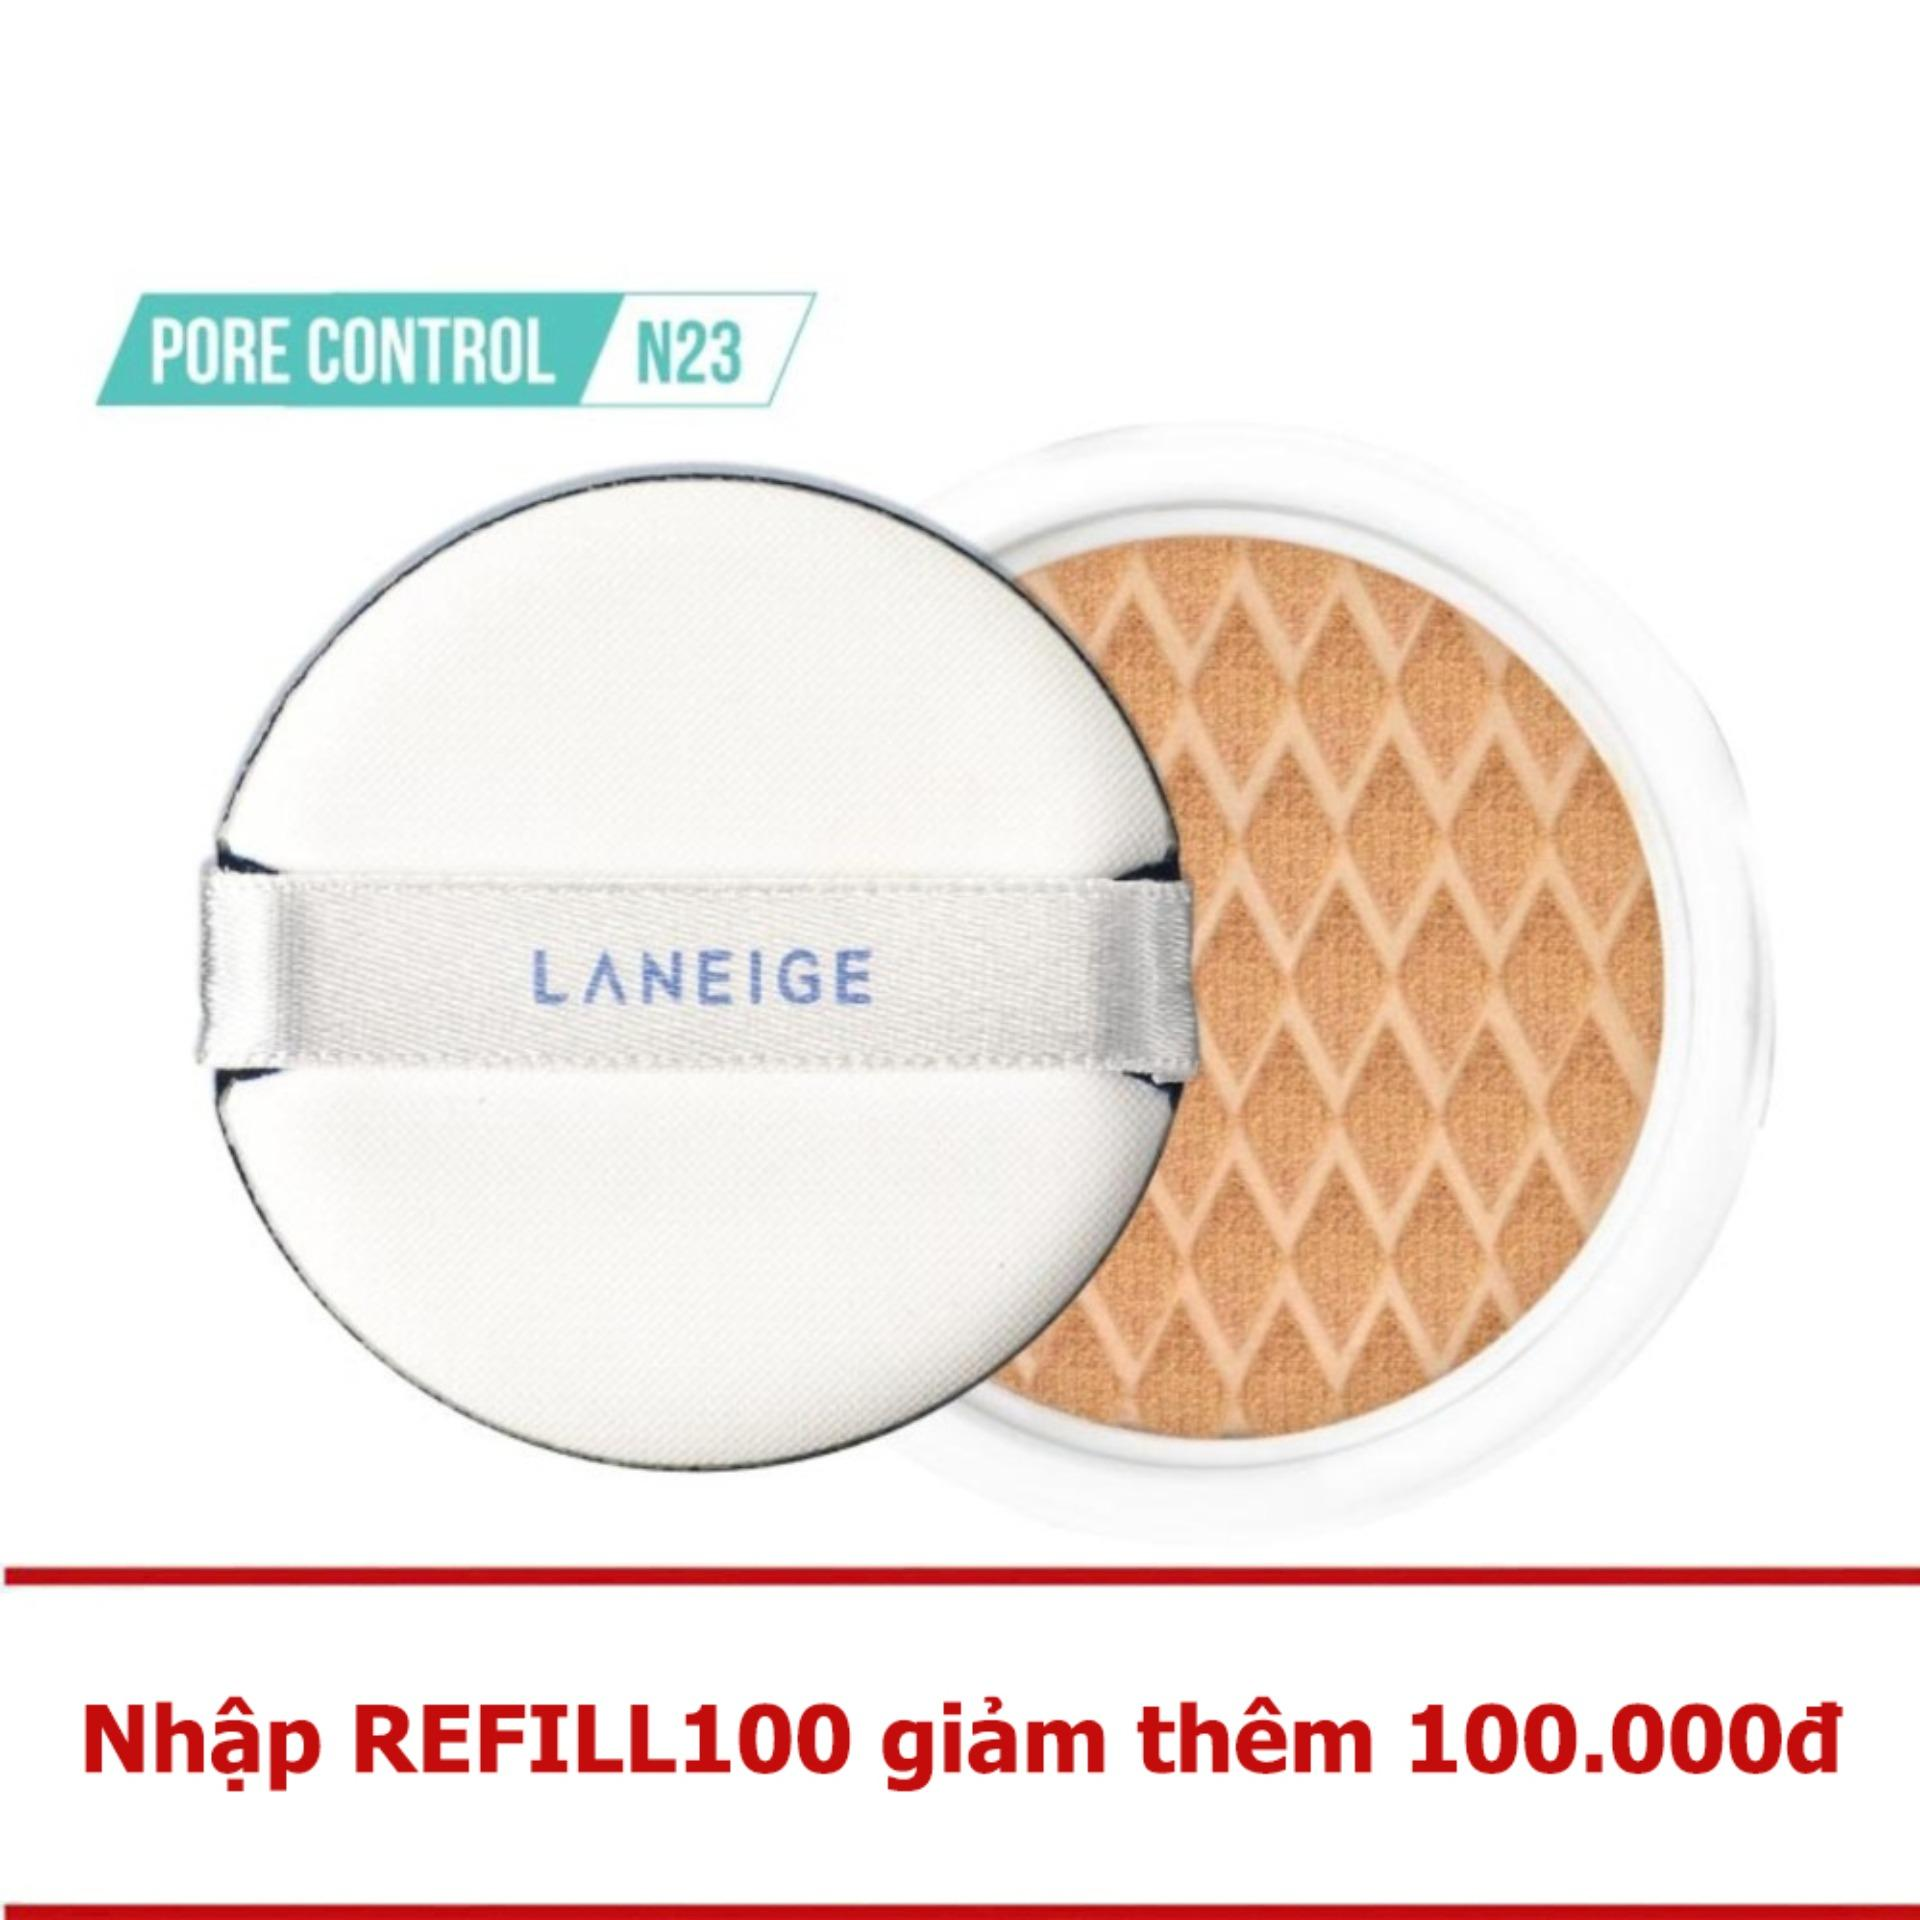 Hot Deal Loi Kem Nền Kiềm Dầu Laneige Bb Cushion Pore Control Ex N23 15G Laneige Chiết Khấu 50